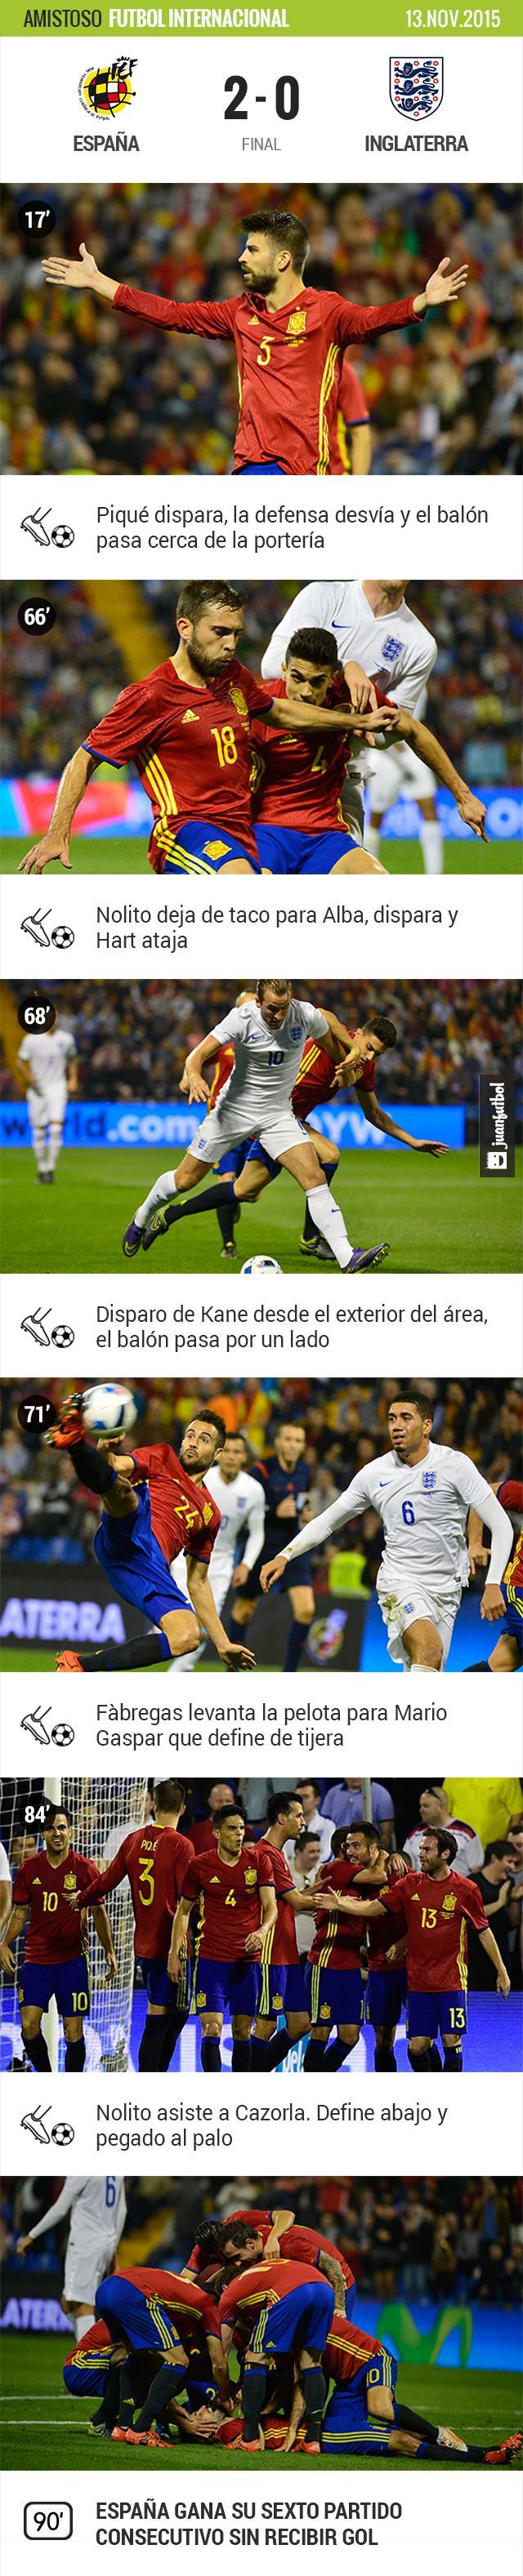 España vence a Inglaterra en amistoso de fecha FIFA con goles de Gaspar y Cazorla.